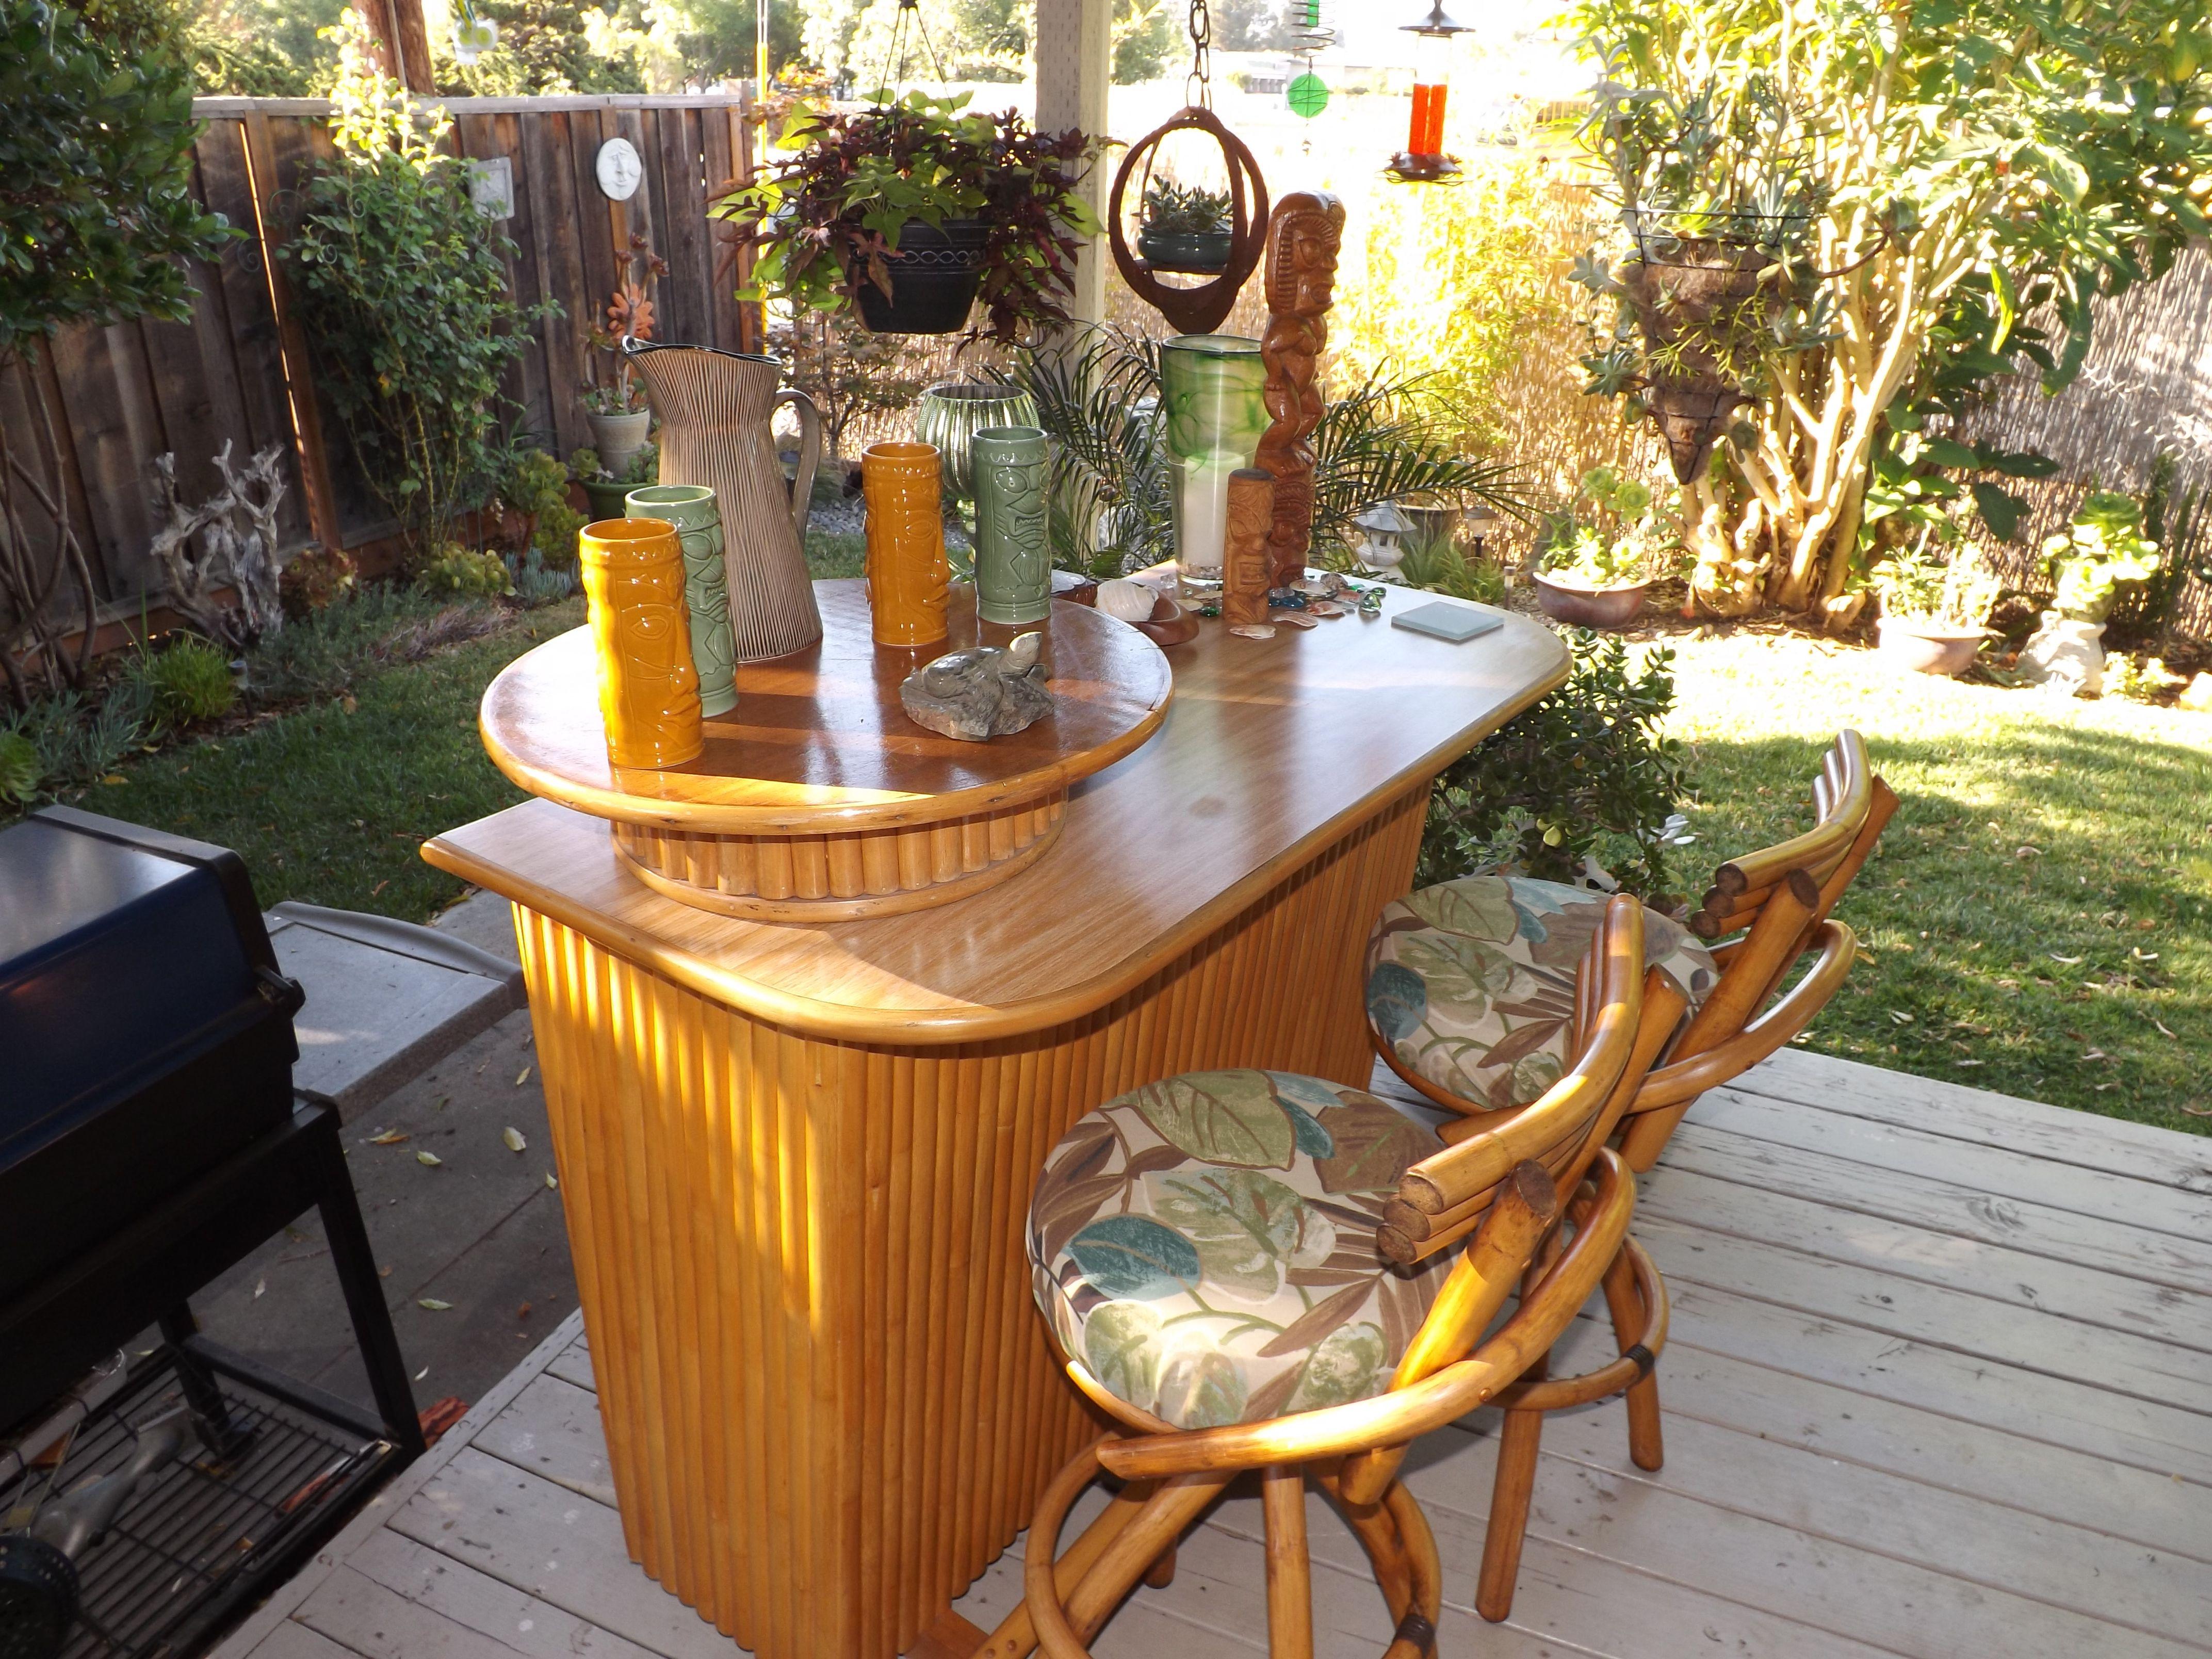 Our Tiki Bar